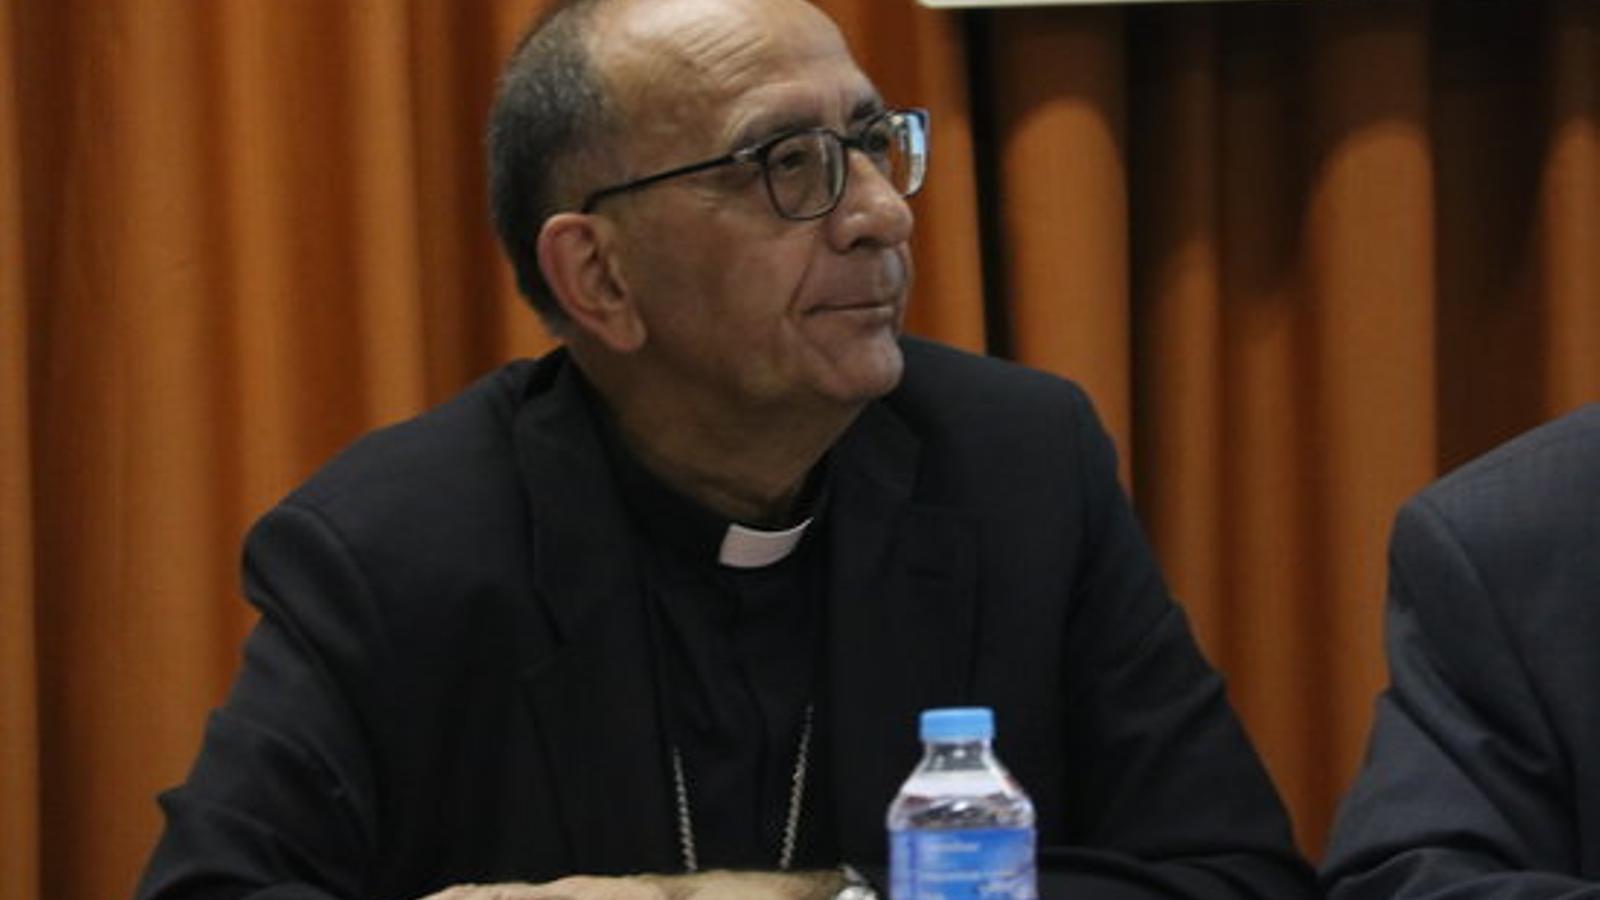 El cardenal arquebisbe de Barcelona, Joan Josep Omella, en una imatge d'arxiu